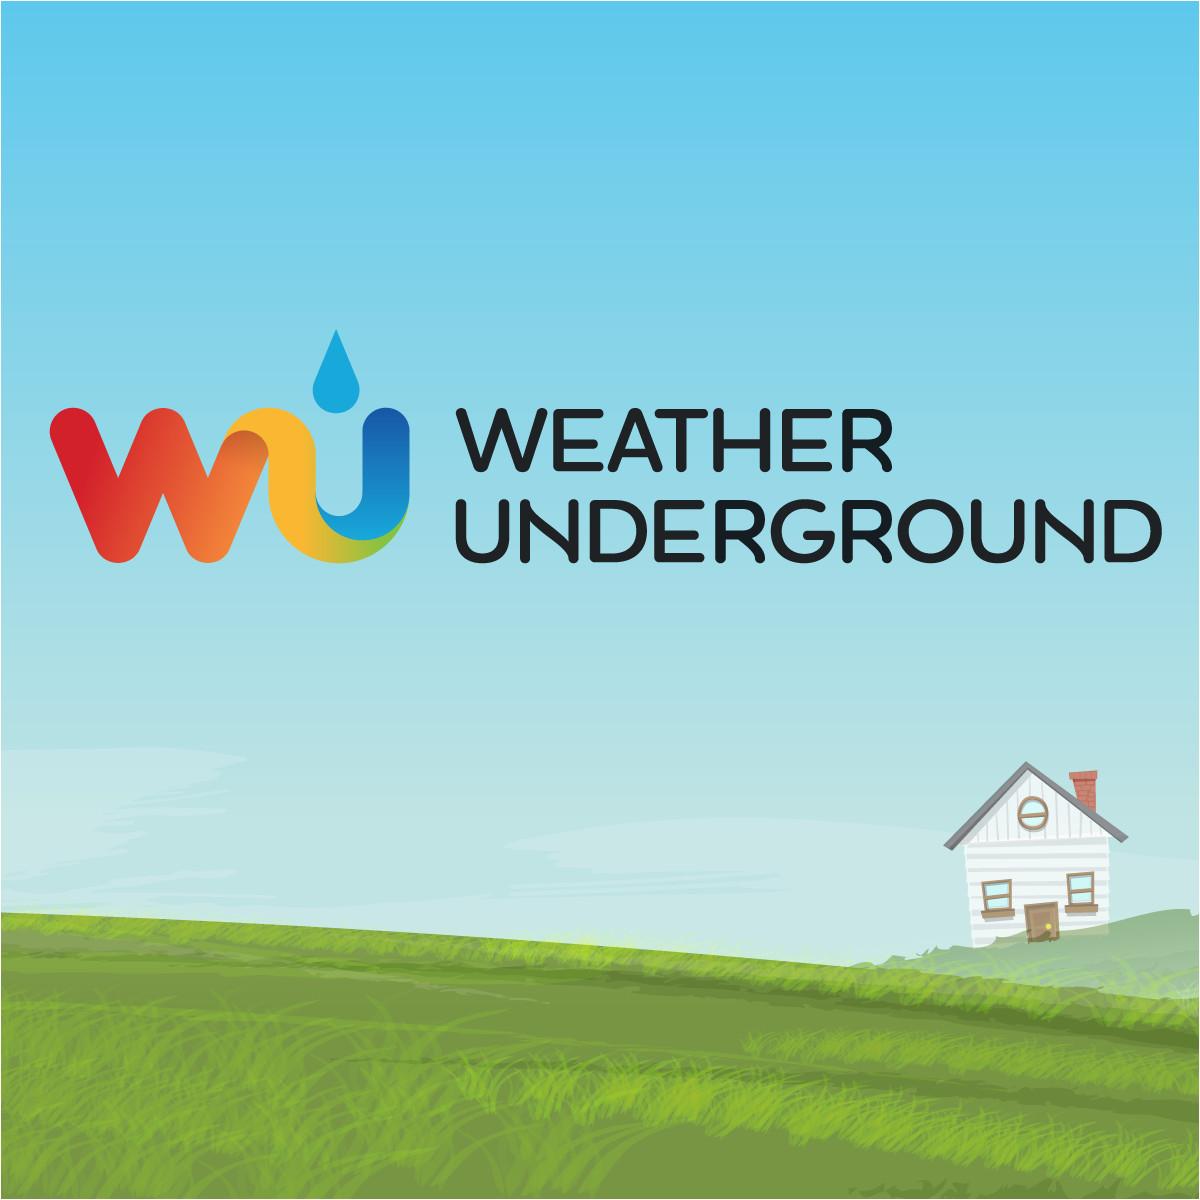 columbus oh forecast weather underground